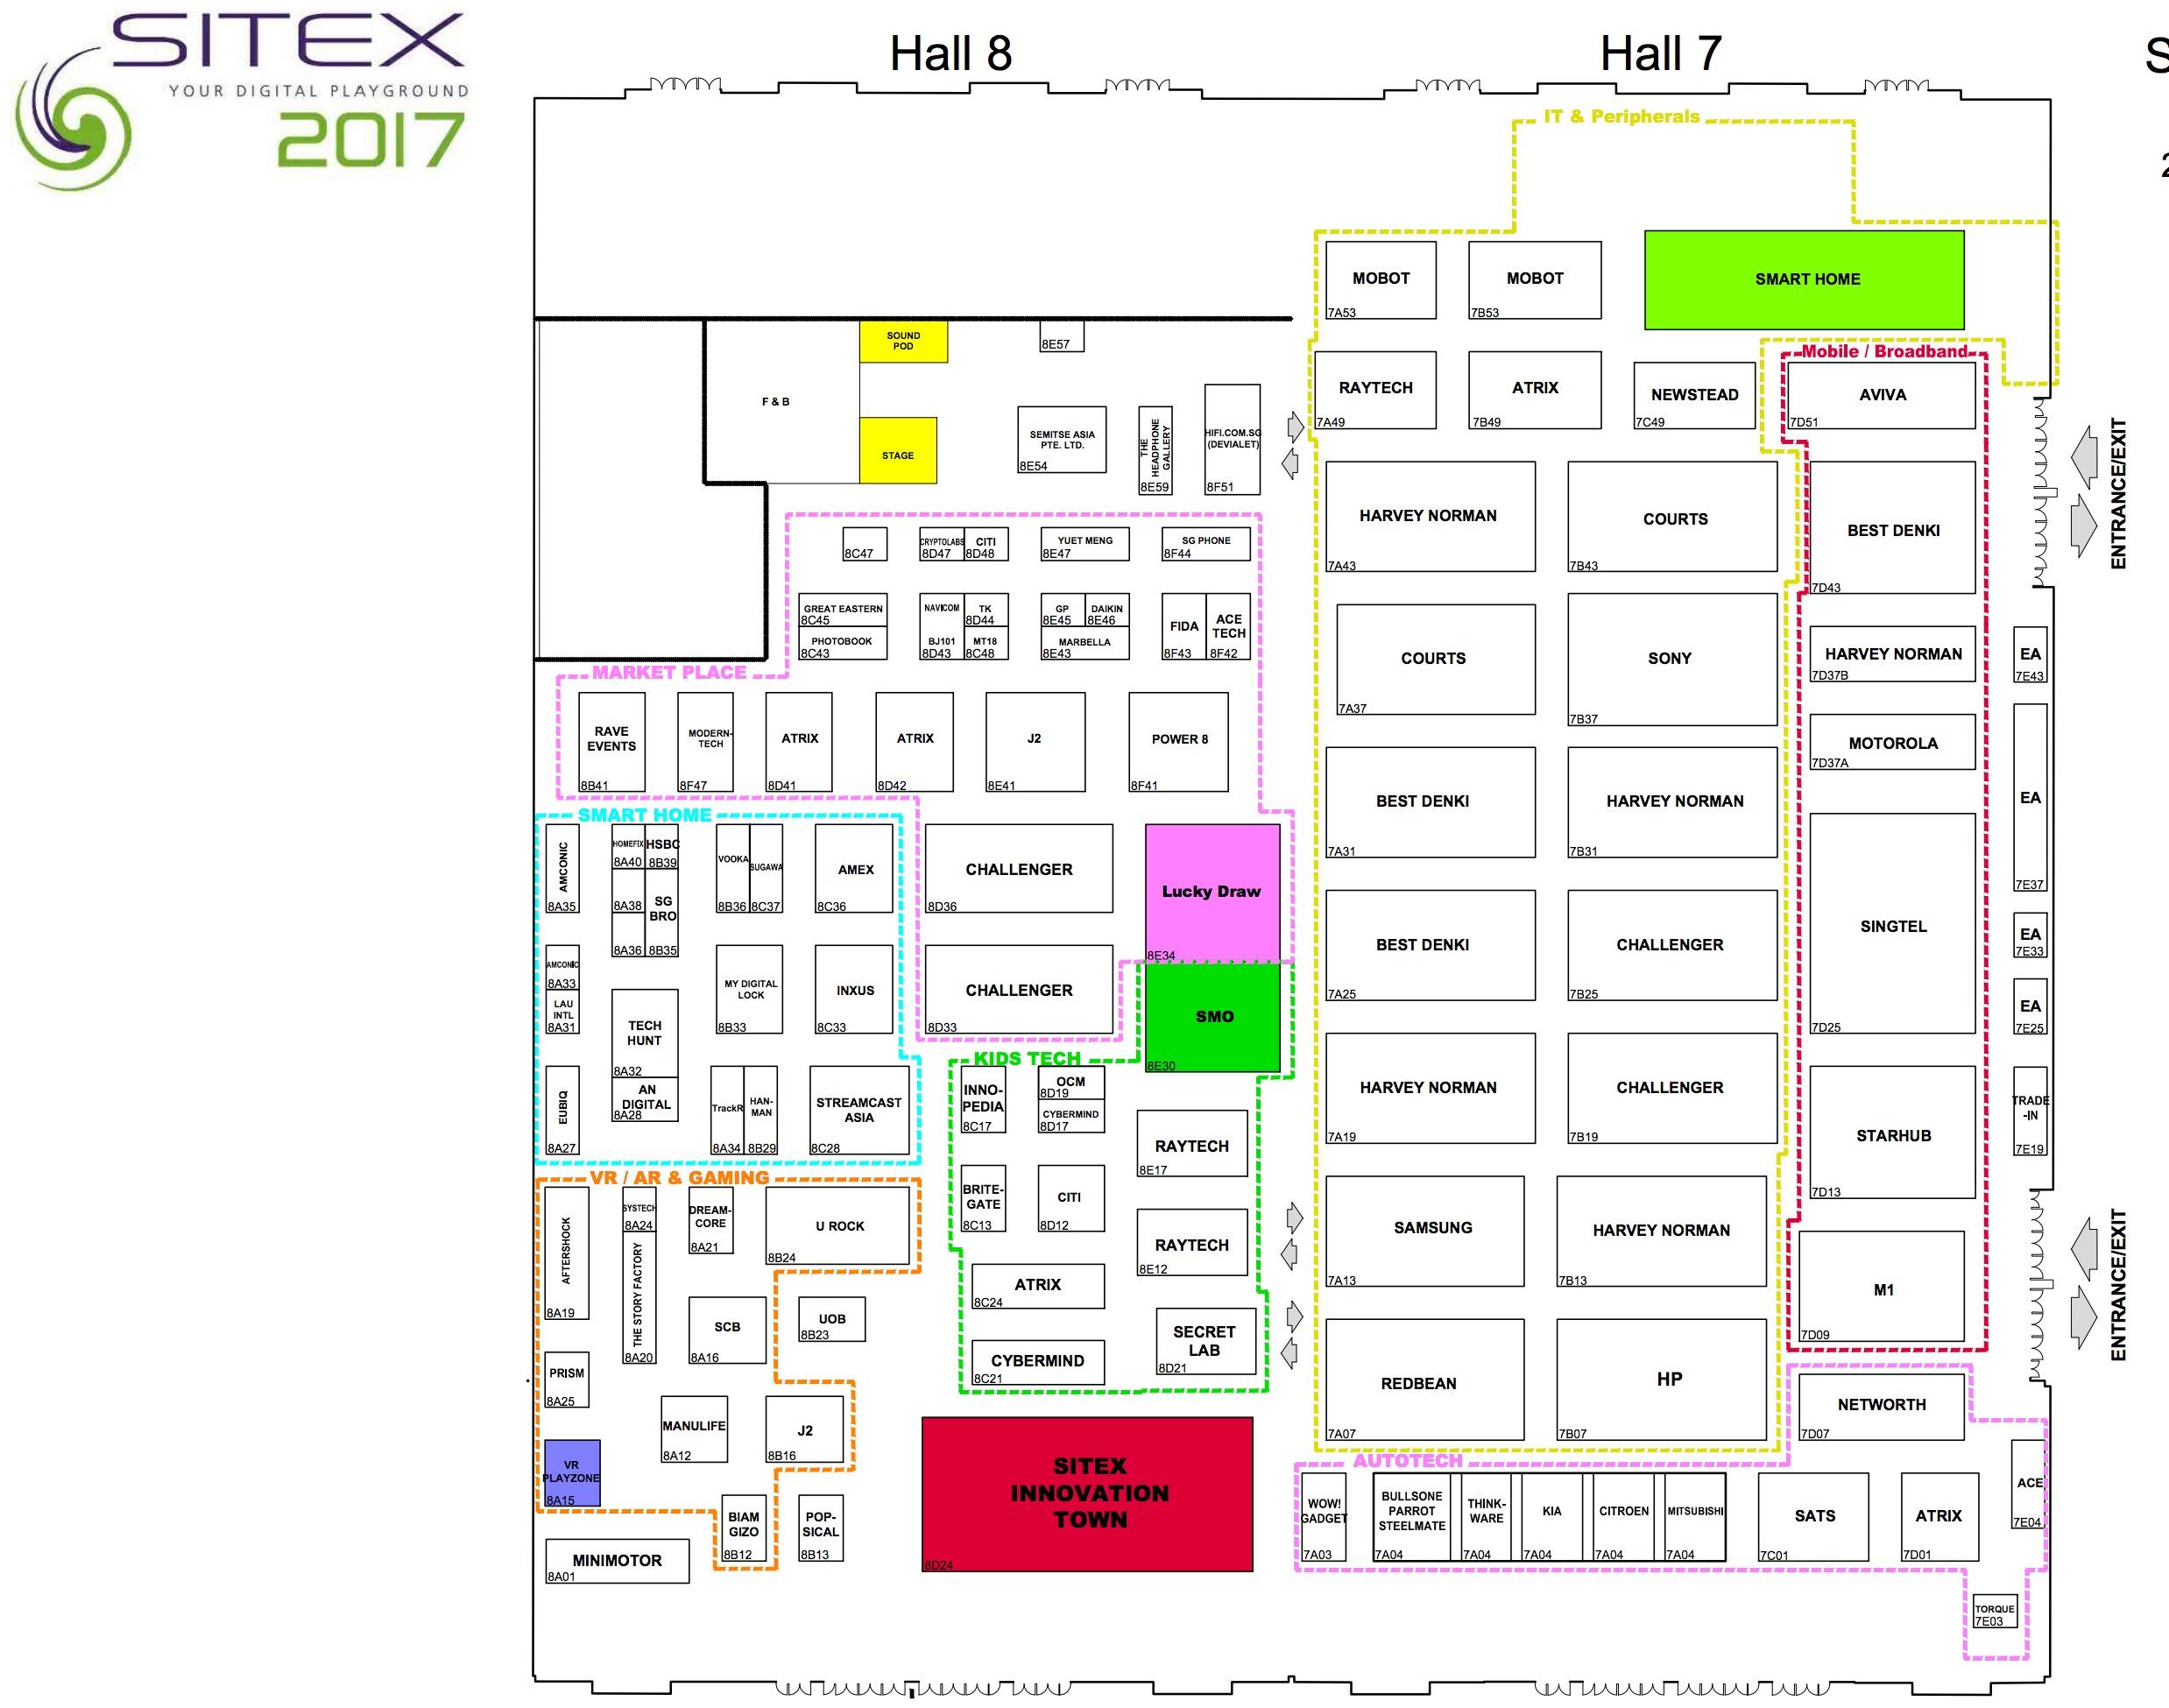 SITEX 2017 Floor Plan